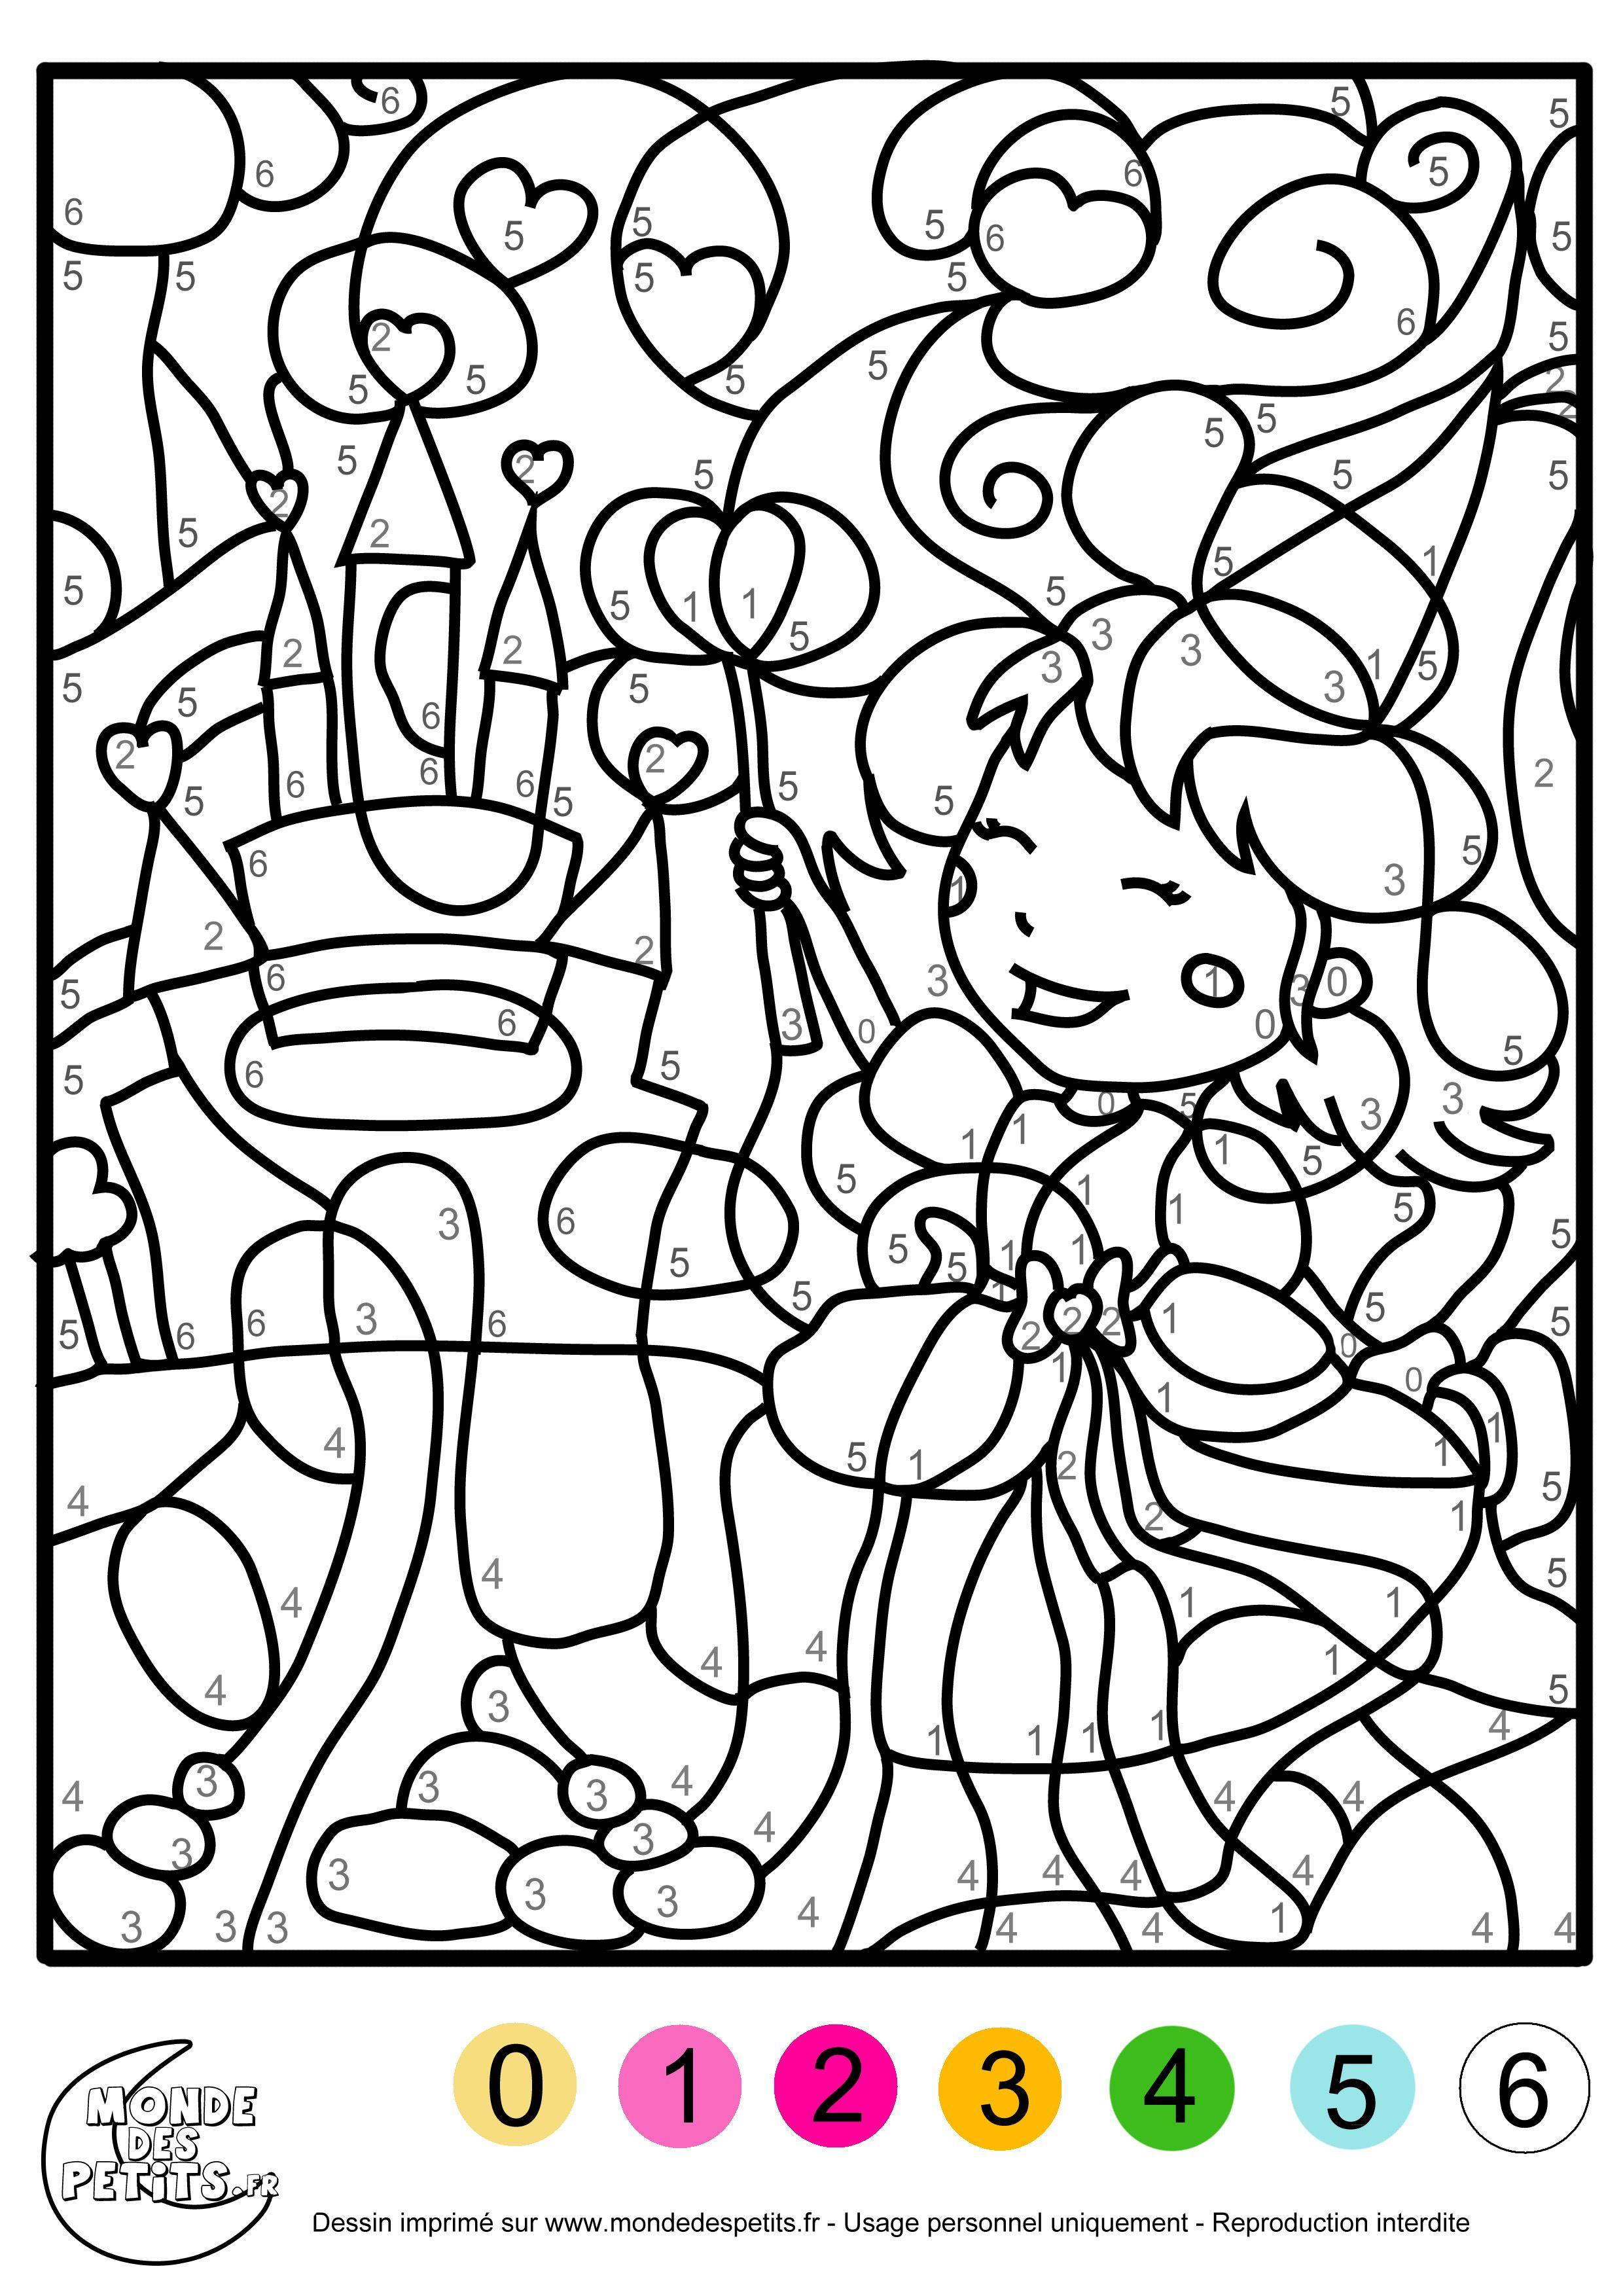 Coloriage A Imprimer Pour Enfant L Coloriage Numerote Coloriage